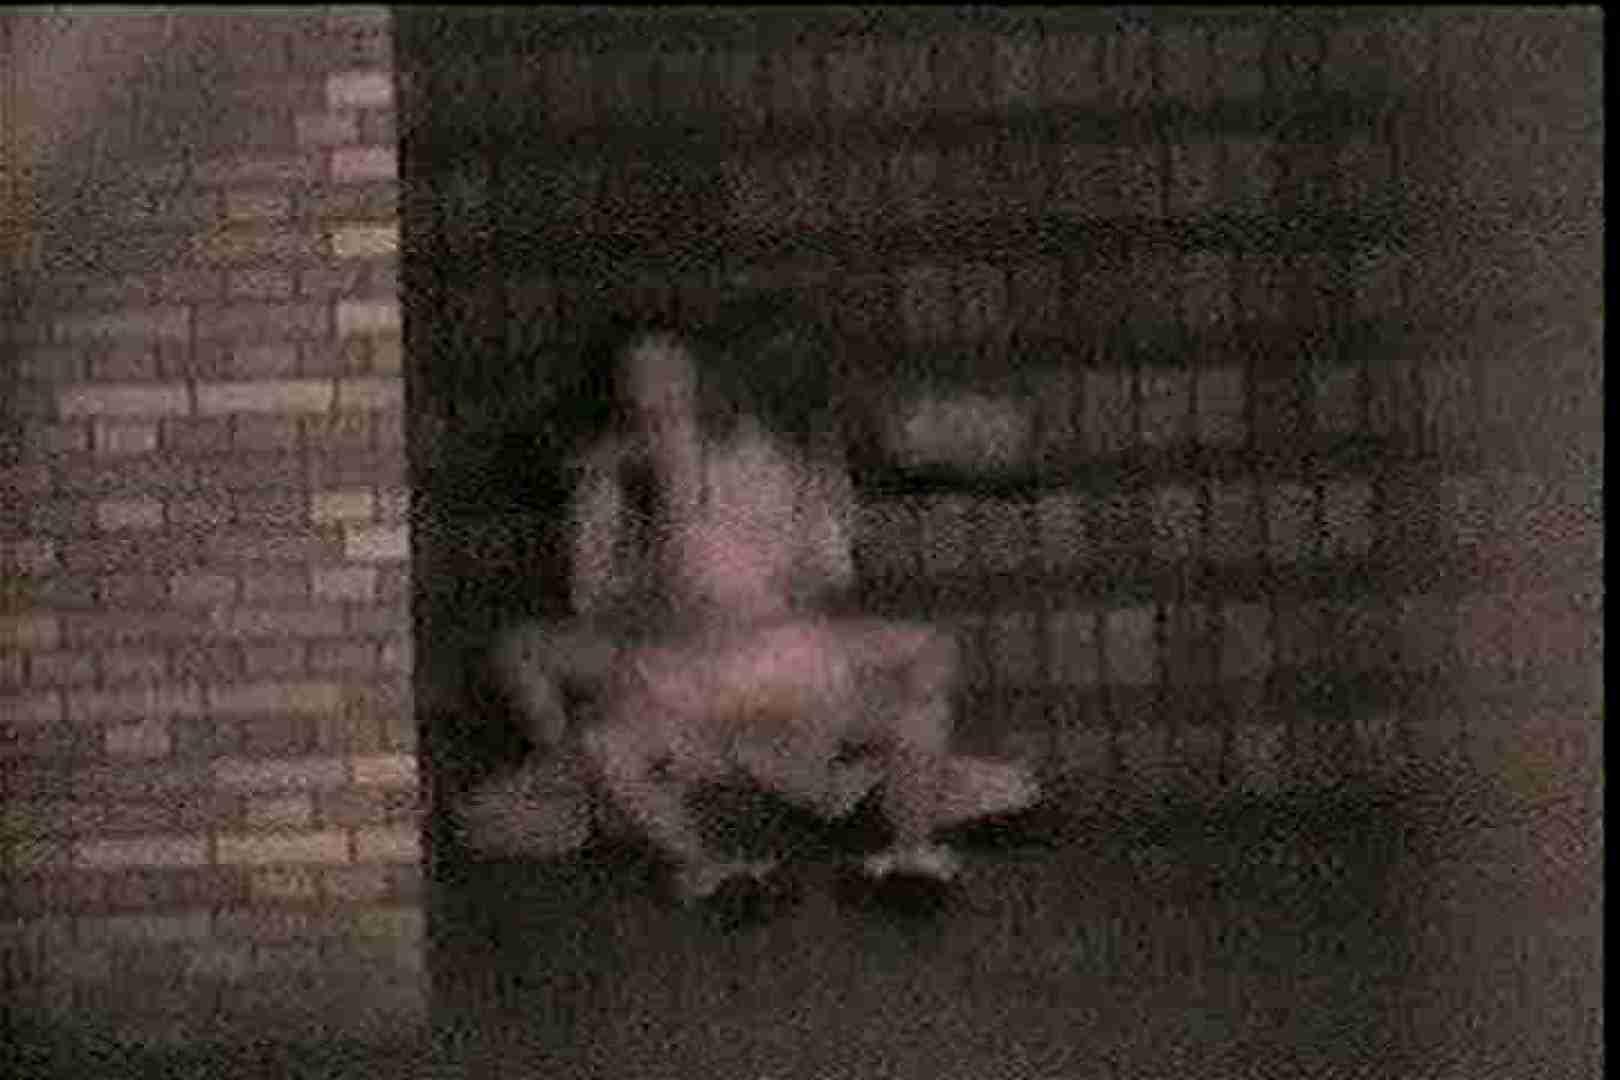 闇の仕掛け人 無修正版 Vol.18 フリーハンド ヌード画像 60画像 6